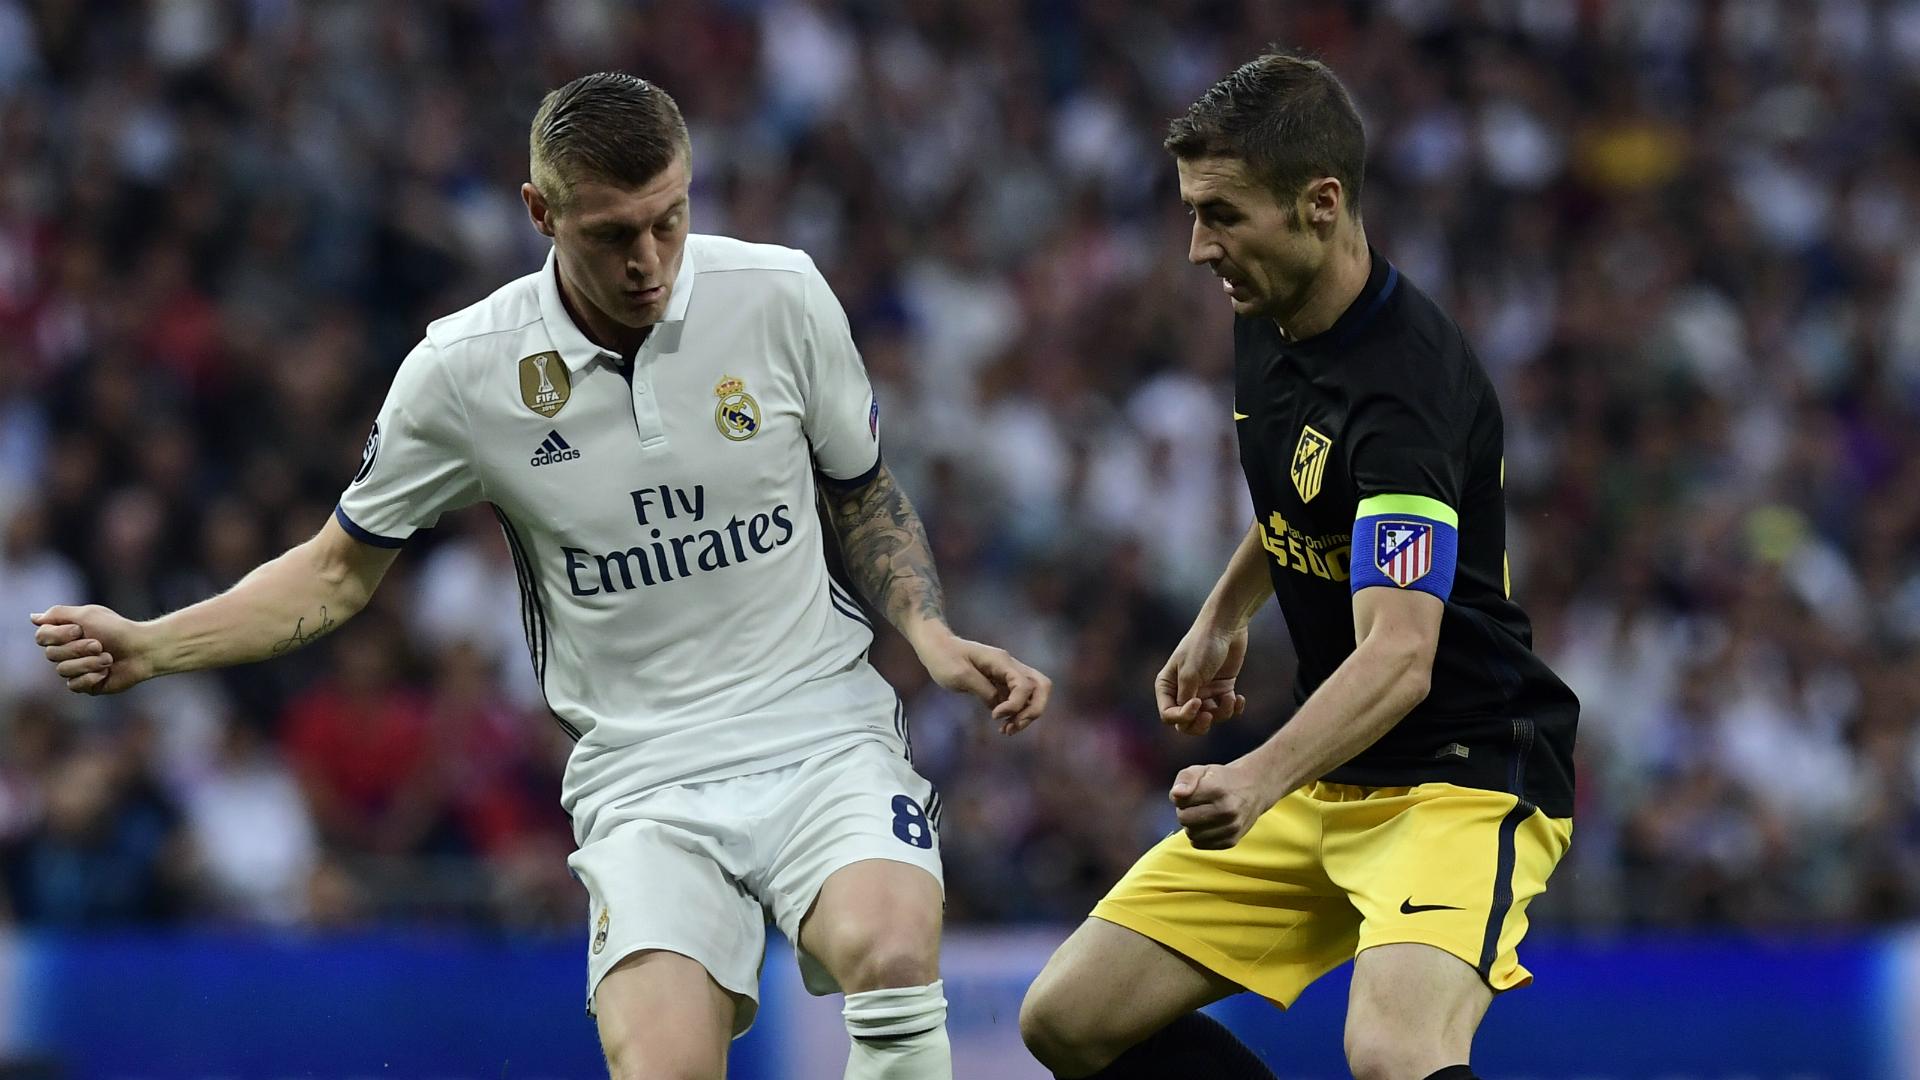 Toni Kroos Gabi Real Madrid Atletico Madrid Champions League